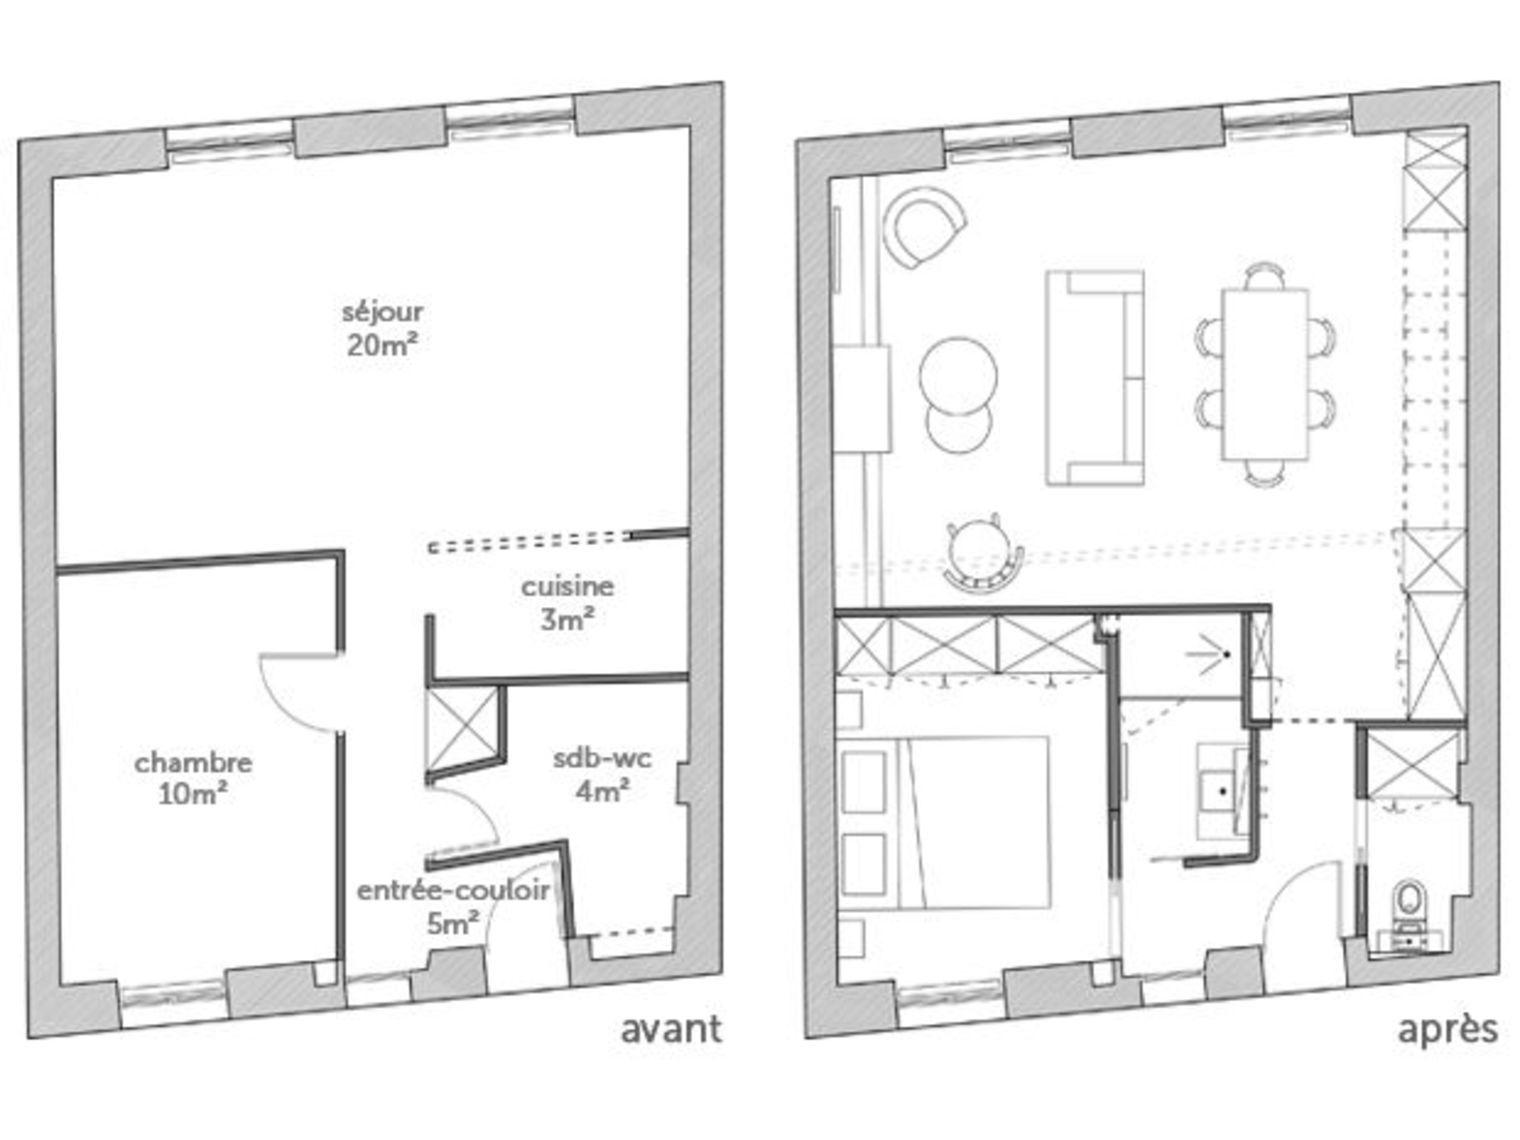 Plan Amenagement Salon Sejour aménagement salon design avec cuisine ouverte   amenagement